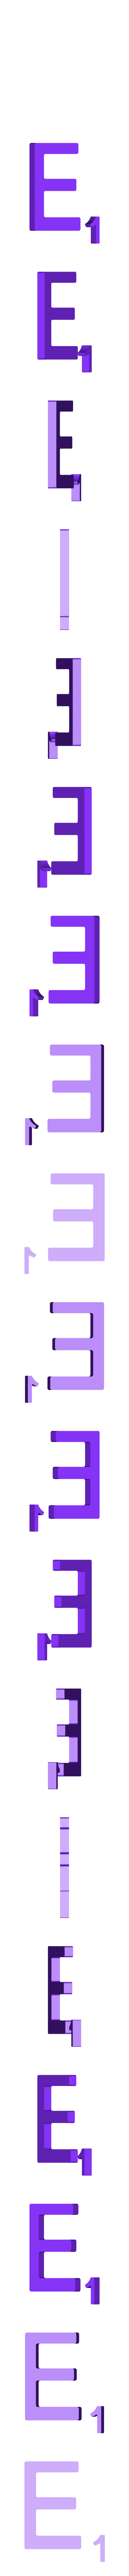 Dual_Letter_E.STL Télécharger fichier STL gratuit Pièces et support SCRABBBLE • Design pour imprimante 3D, Balkhagal4D